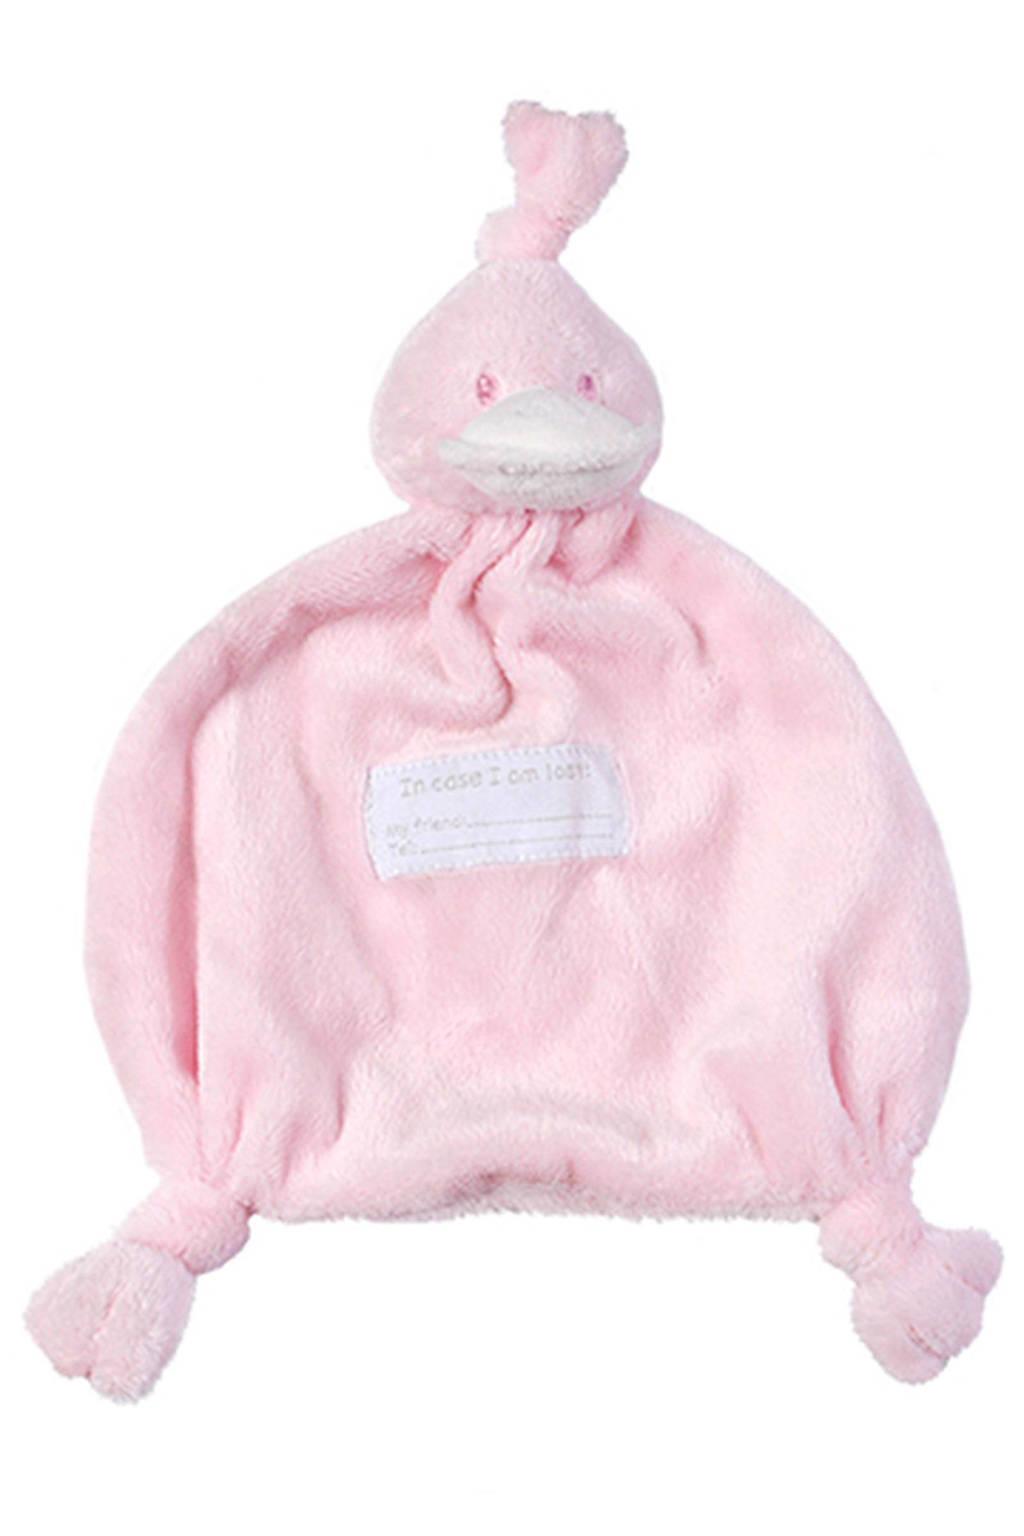 BamBam Duck Tuttle roze knuffeldoekje, Roze